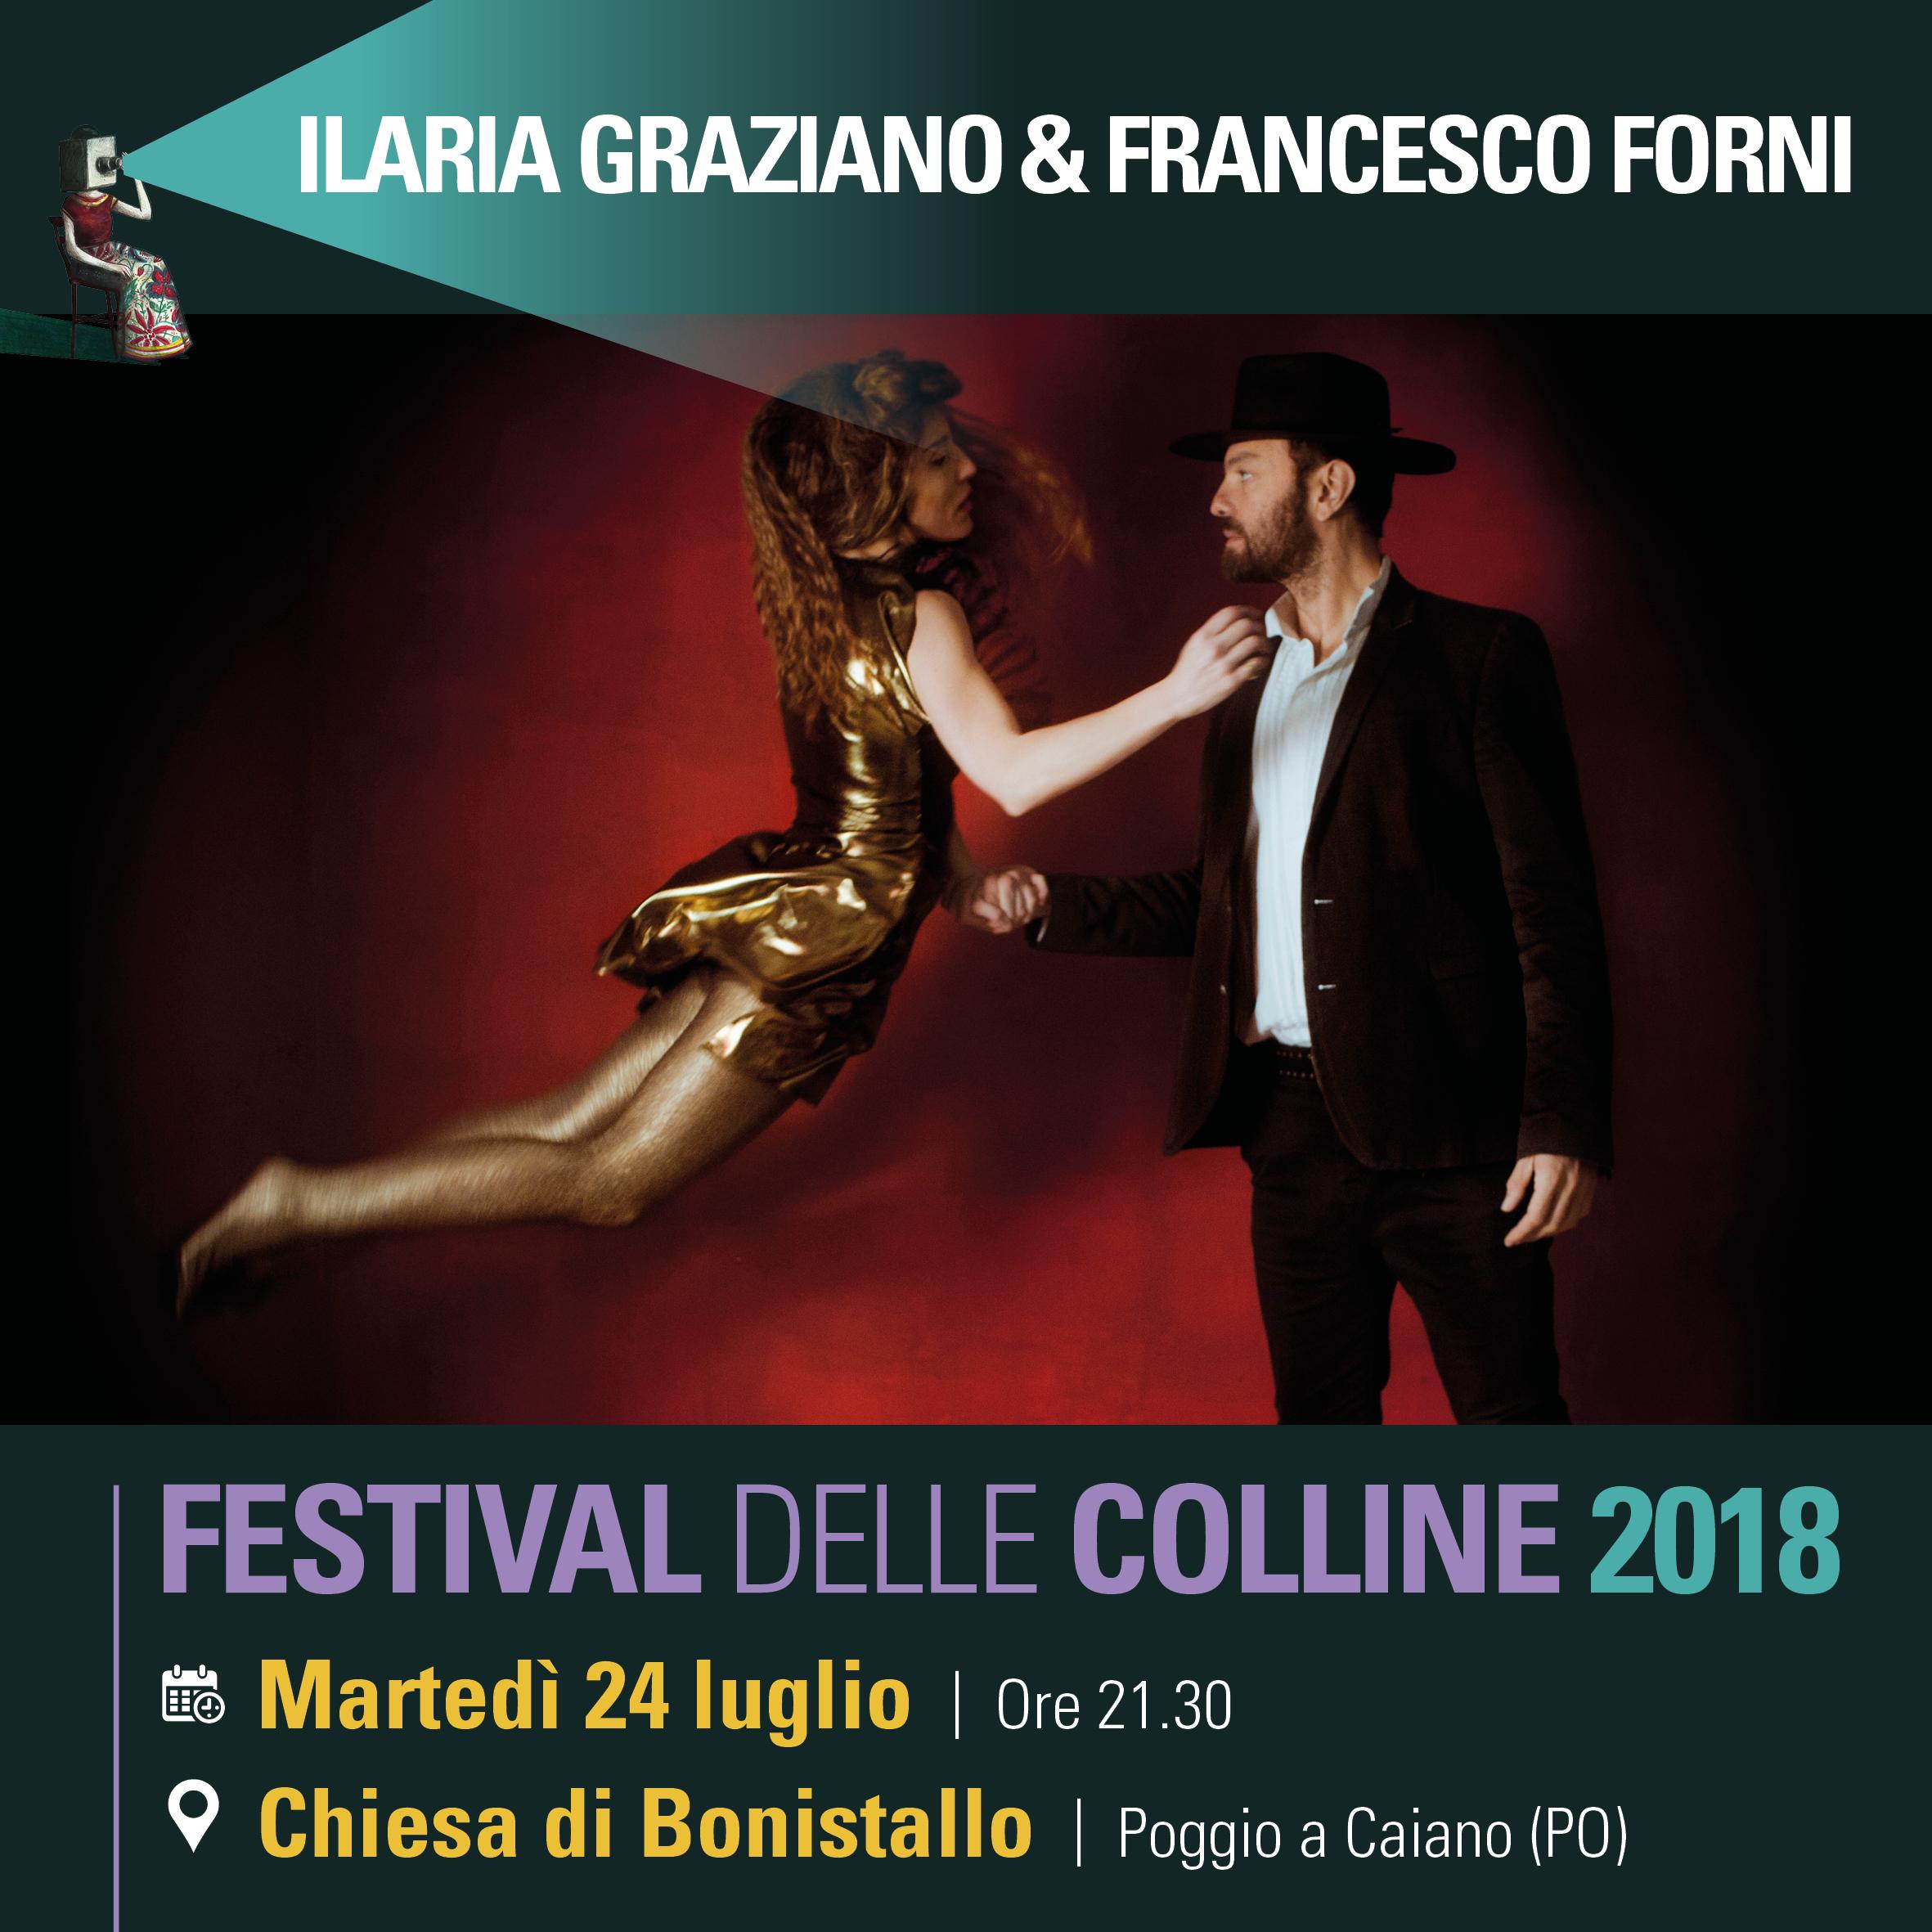 Graziano & Forni Festival delle Colline 2018